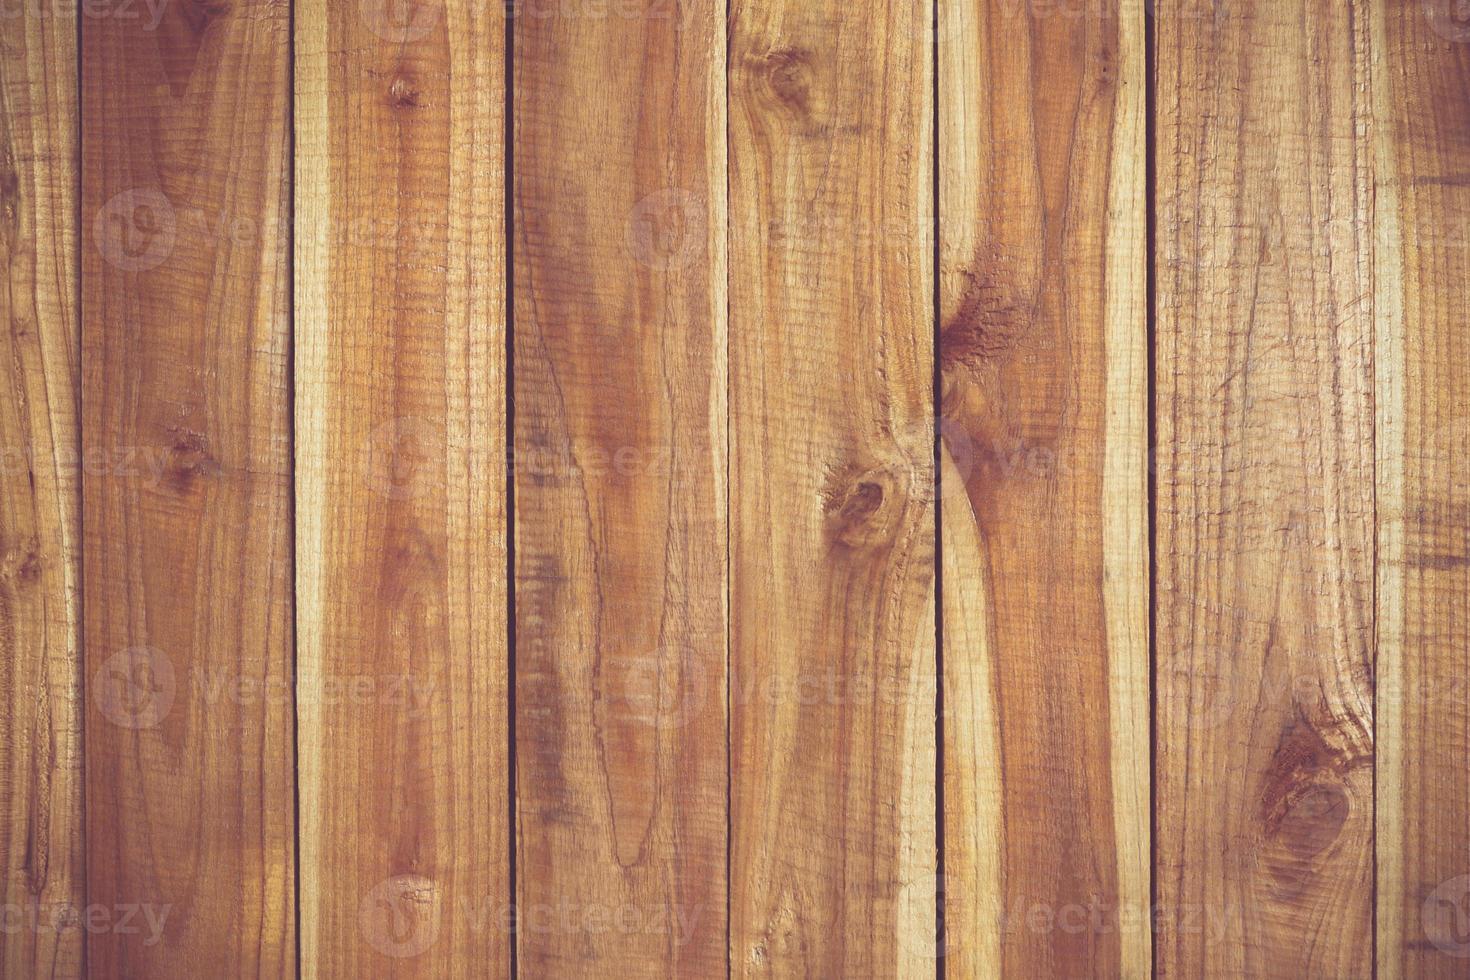 alter Holzmusterhintergrund foto